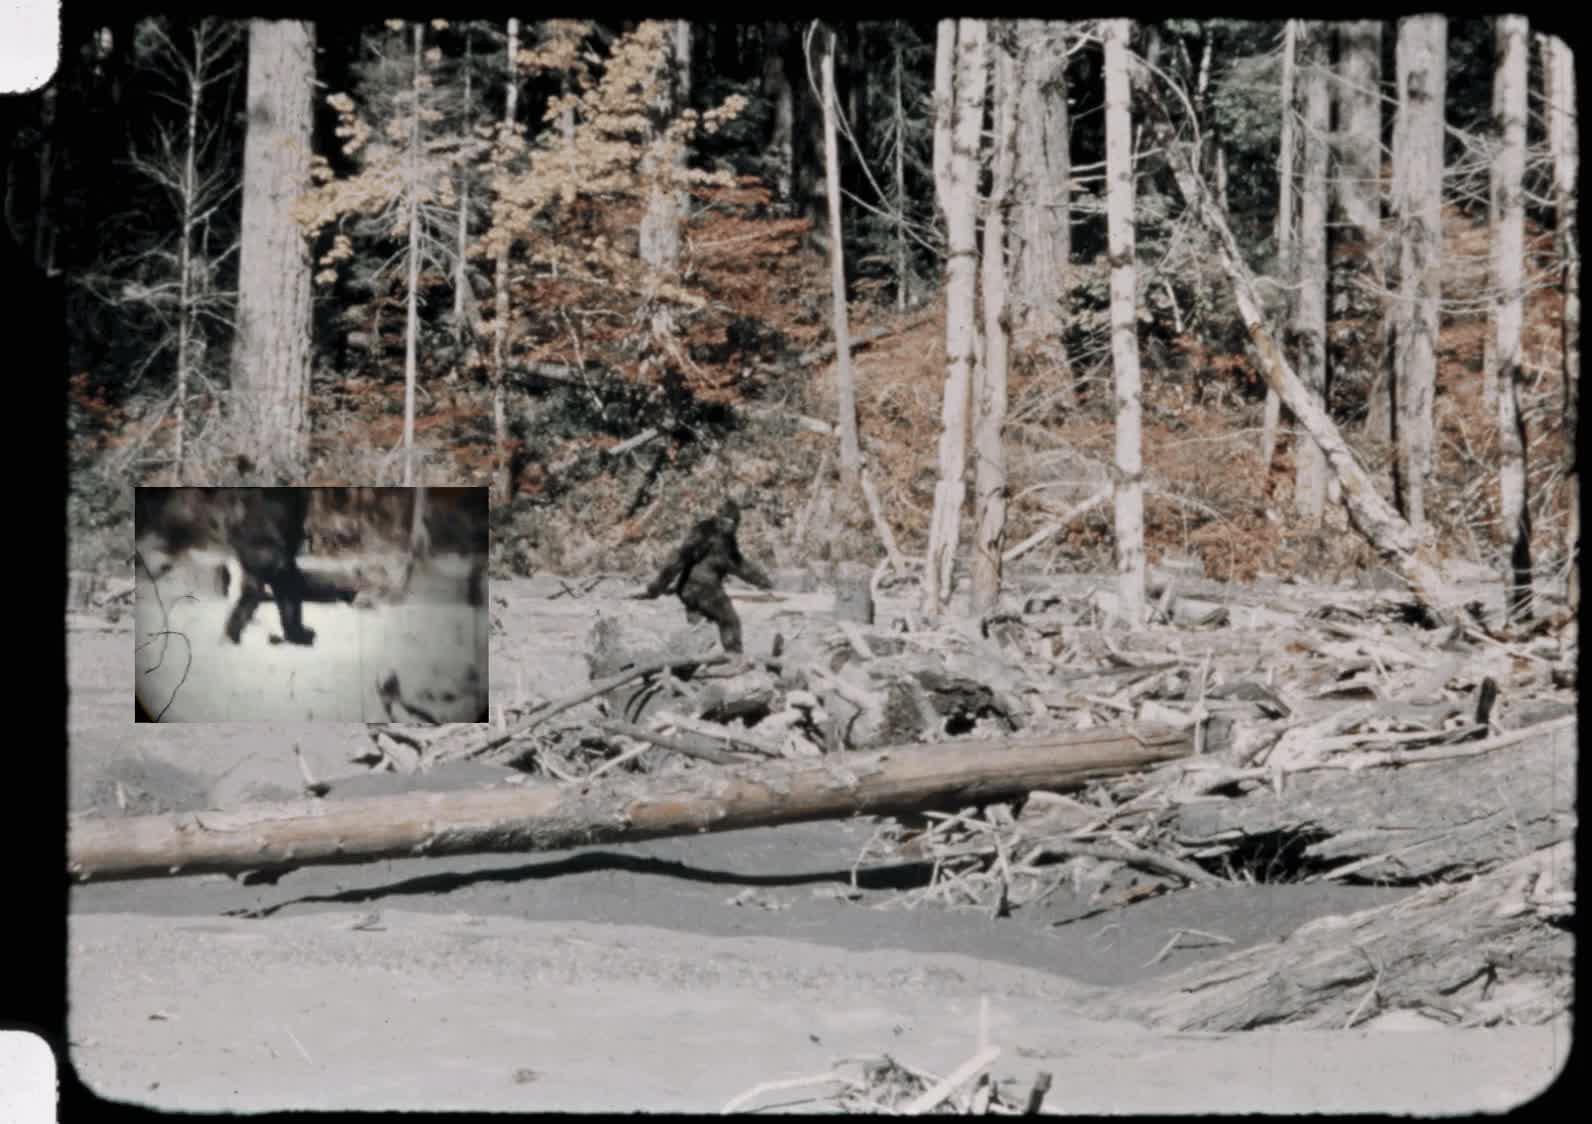 Enlace a La mítica grabación de Patterson del bigfoot, estabilizada en un gif